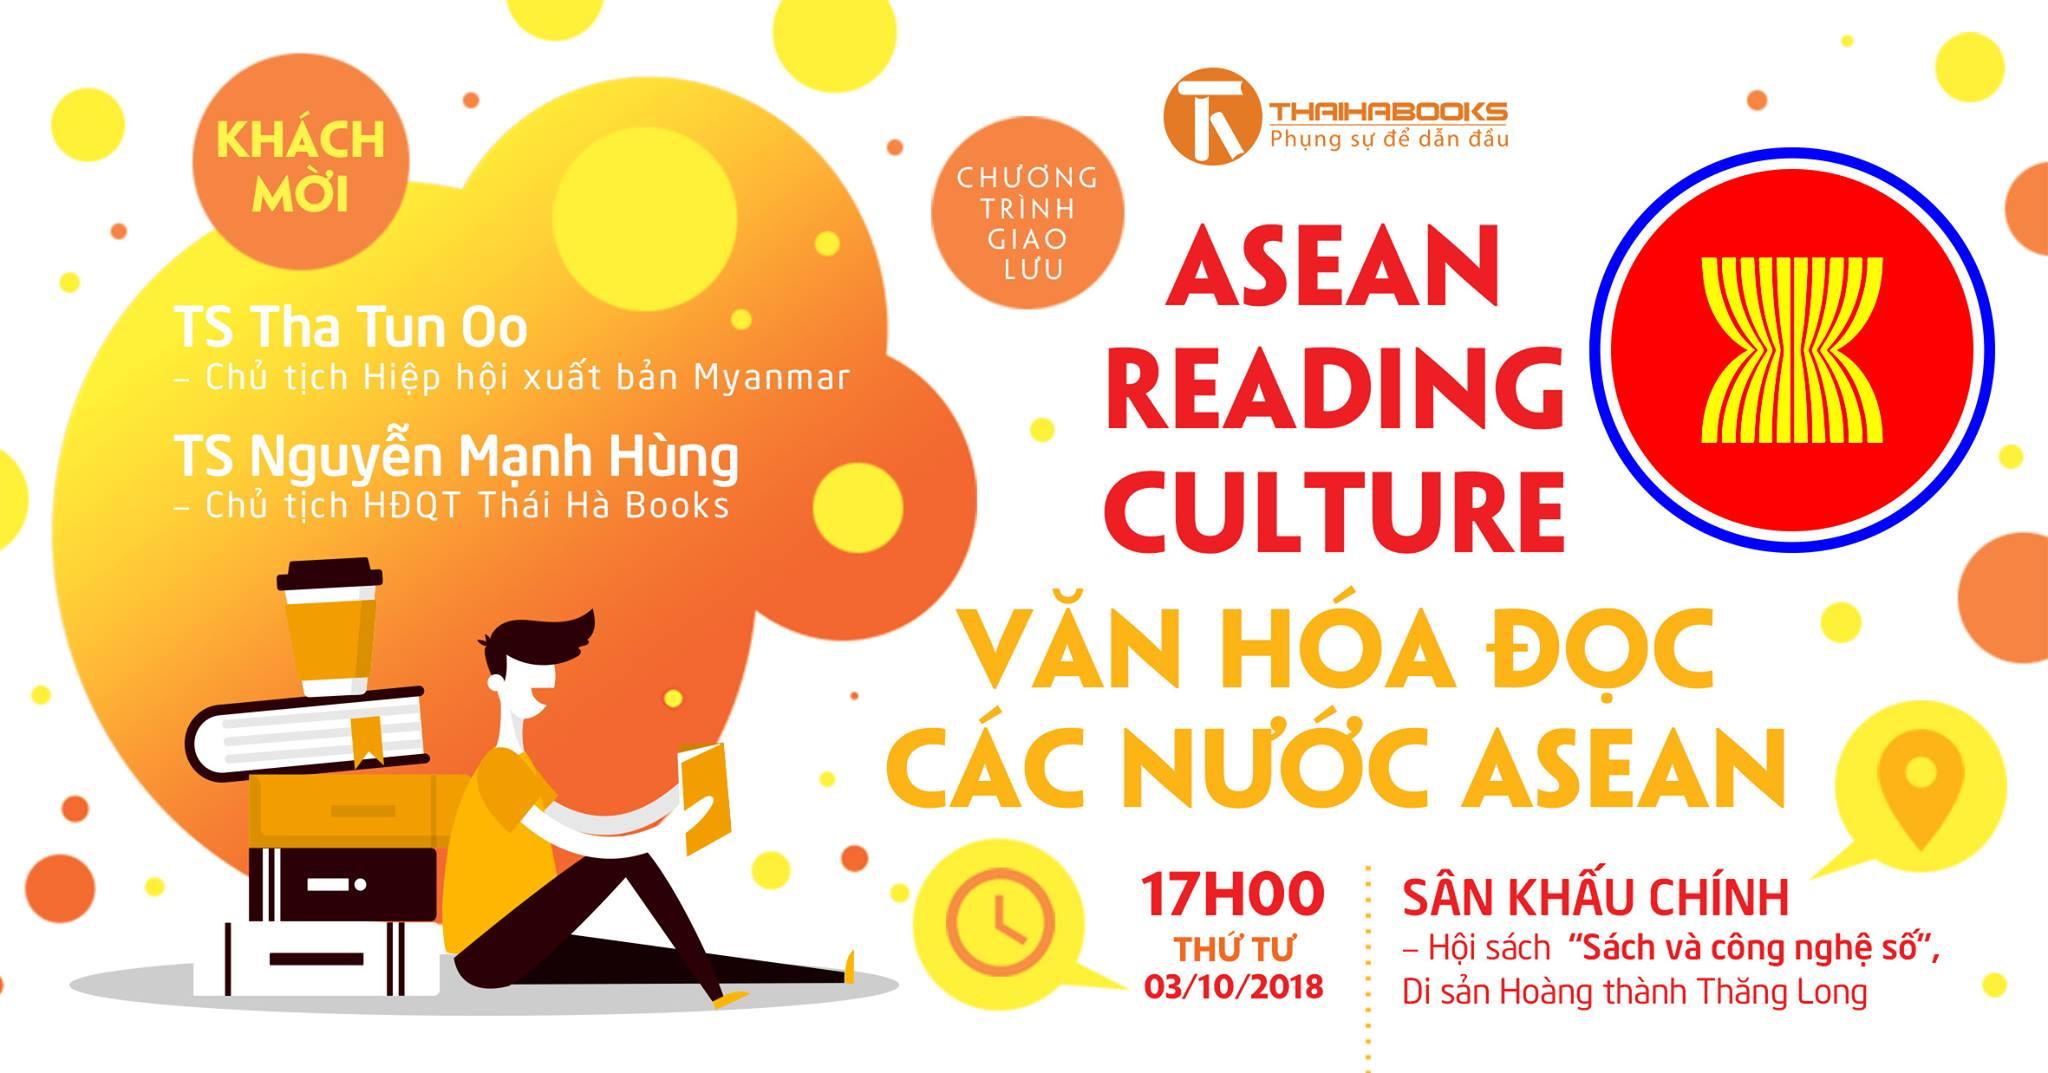 Reading Books Together số 25: Giao lưu về chủ đề Văn hóa đọc ASEAN với Chủ tịch Hội xuất bản Myanmar Tha Tun Oo